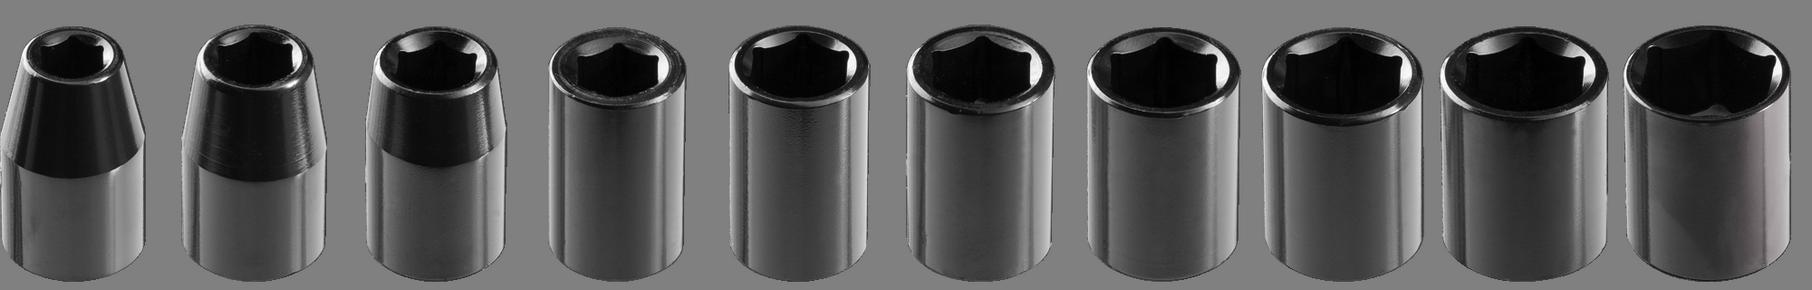 Dugókulcs készlet, krova készlet levegõs géphez 10 mm - 24 mm 1/2